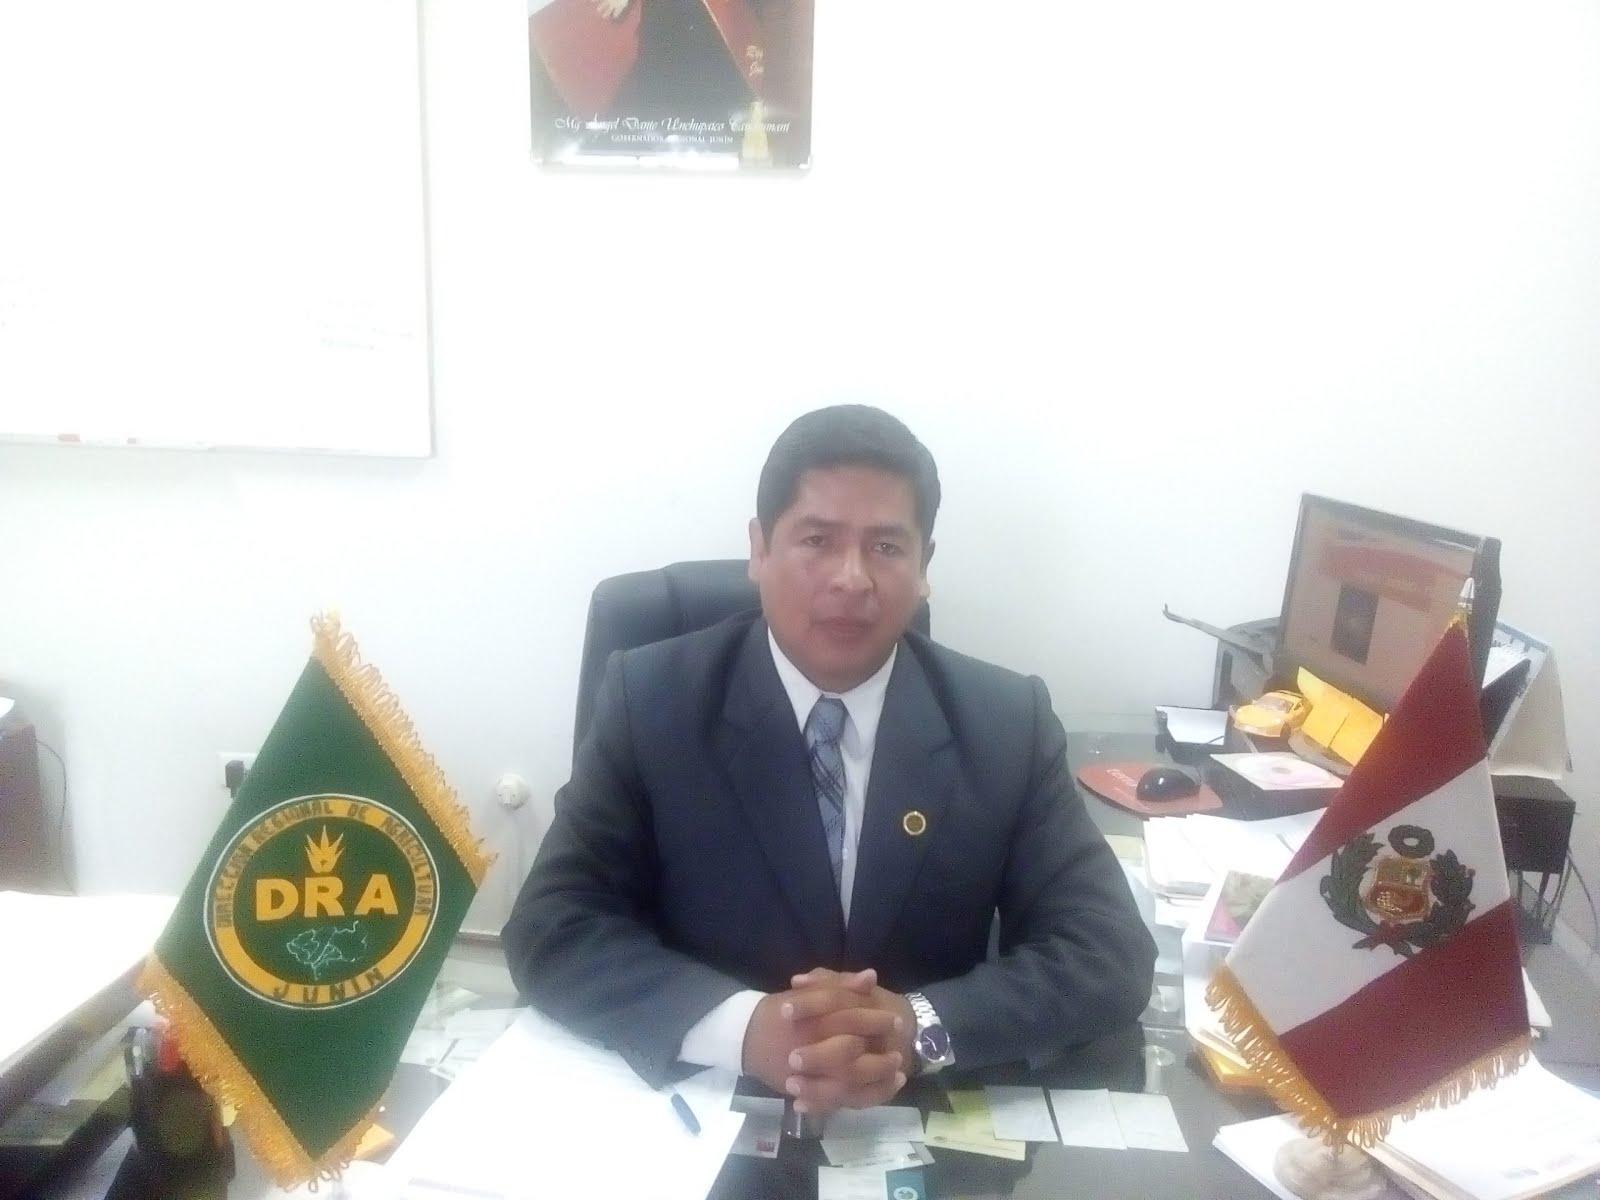 ING. PAULO VASQUEZ GARAY TORRES, DIRECTOR REGIONAL DE AGRICULTURA JUNIN